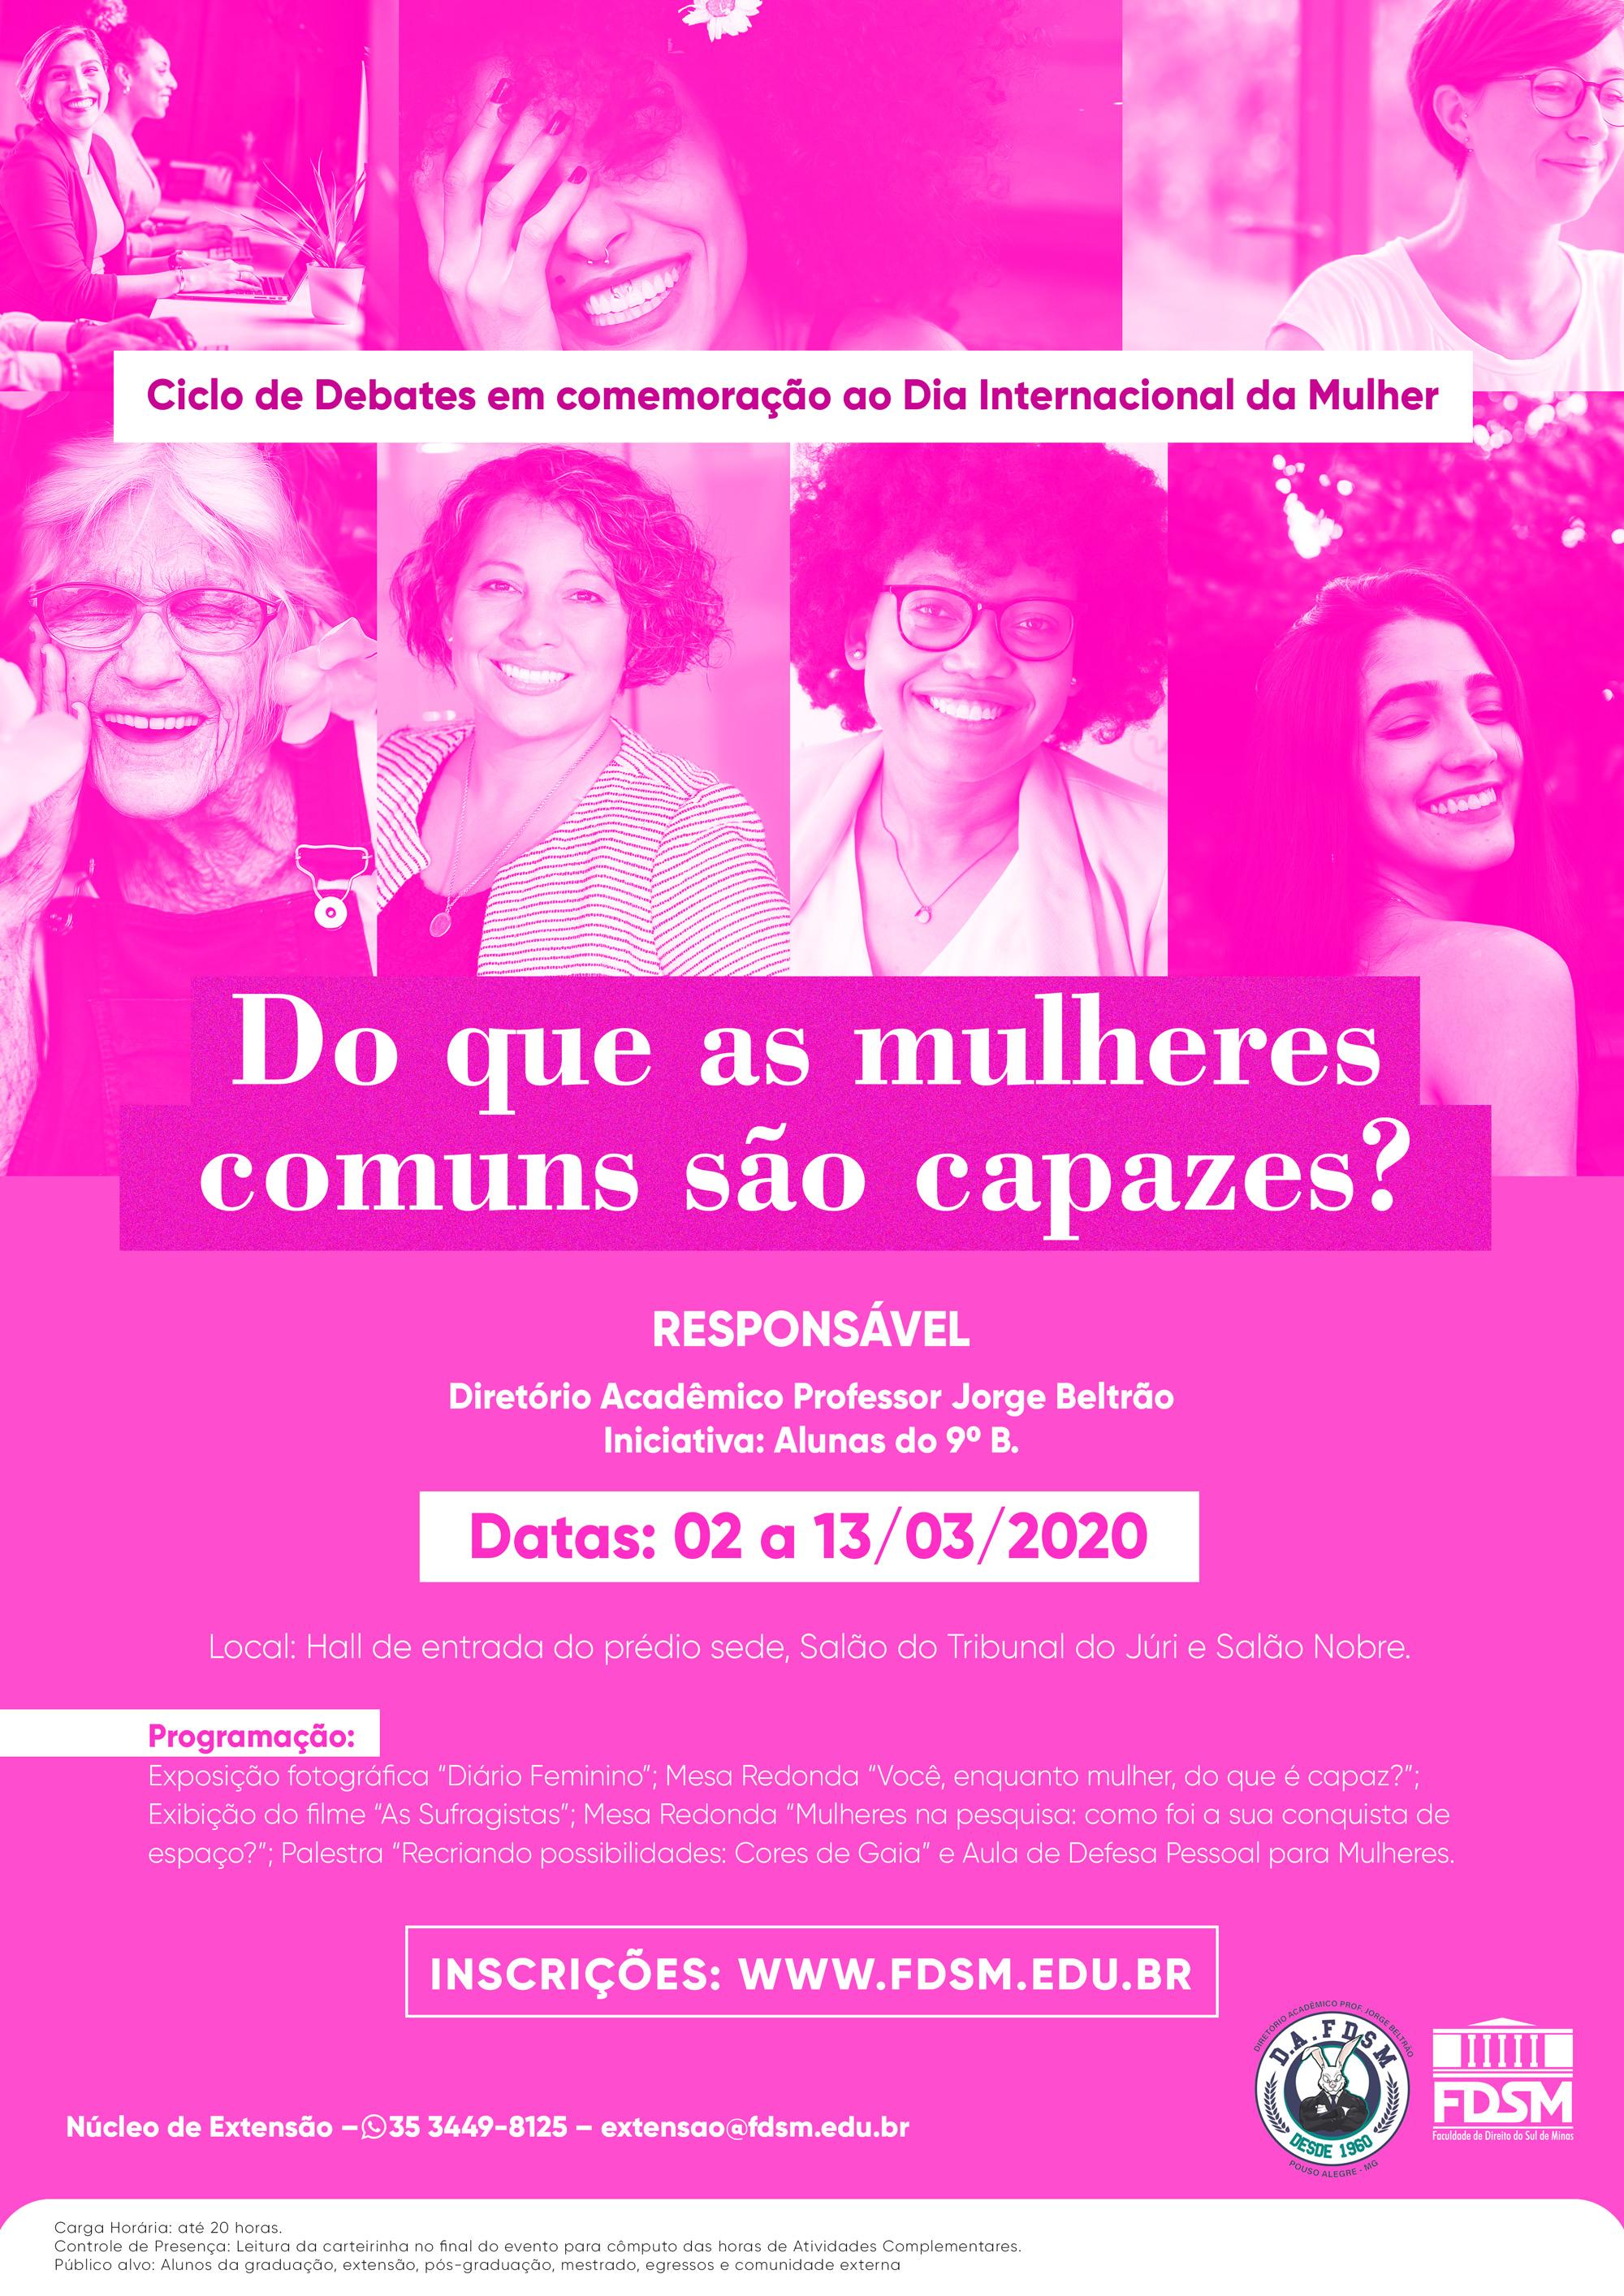 Aula de defesa pessoal para mulheres com o Prof. Fernando Rigotti no Salão Nobre